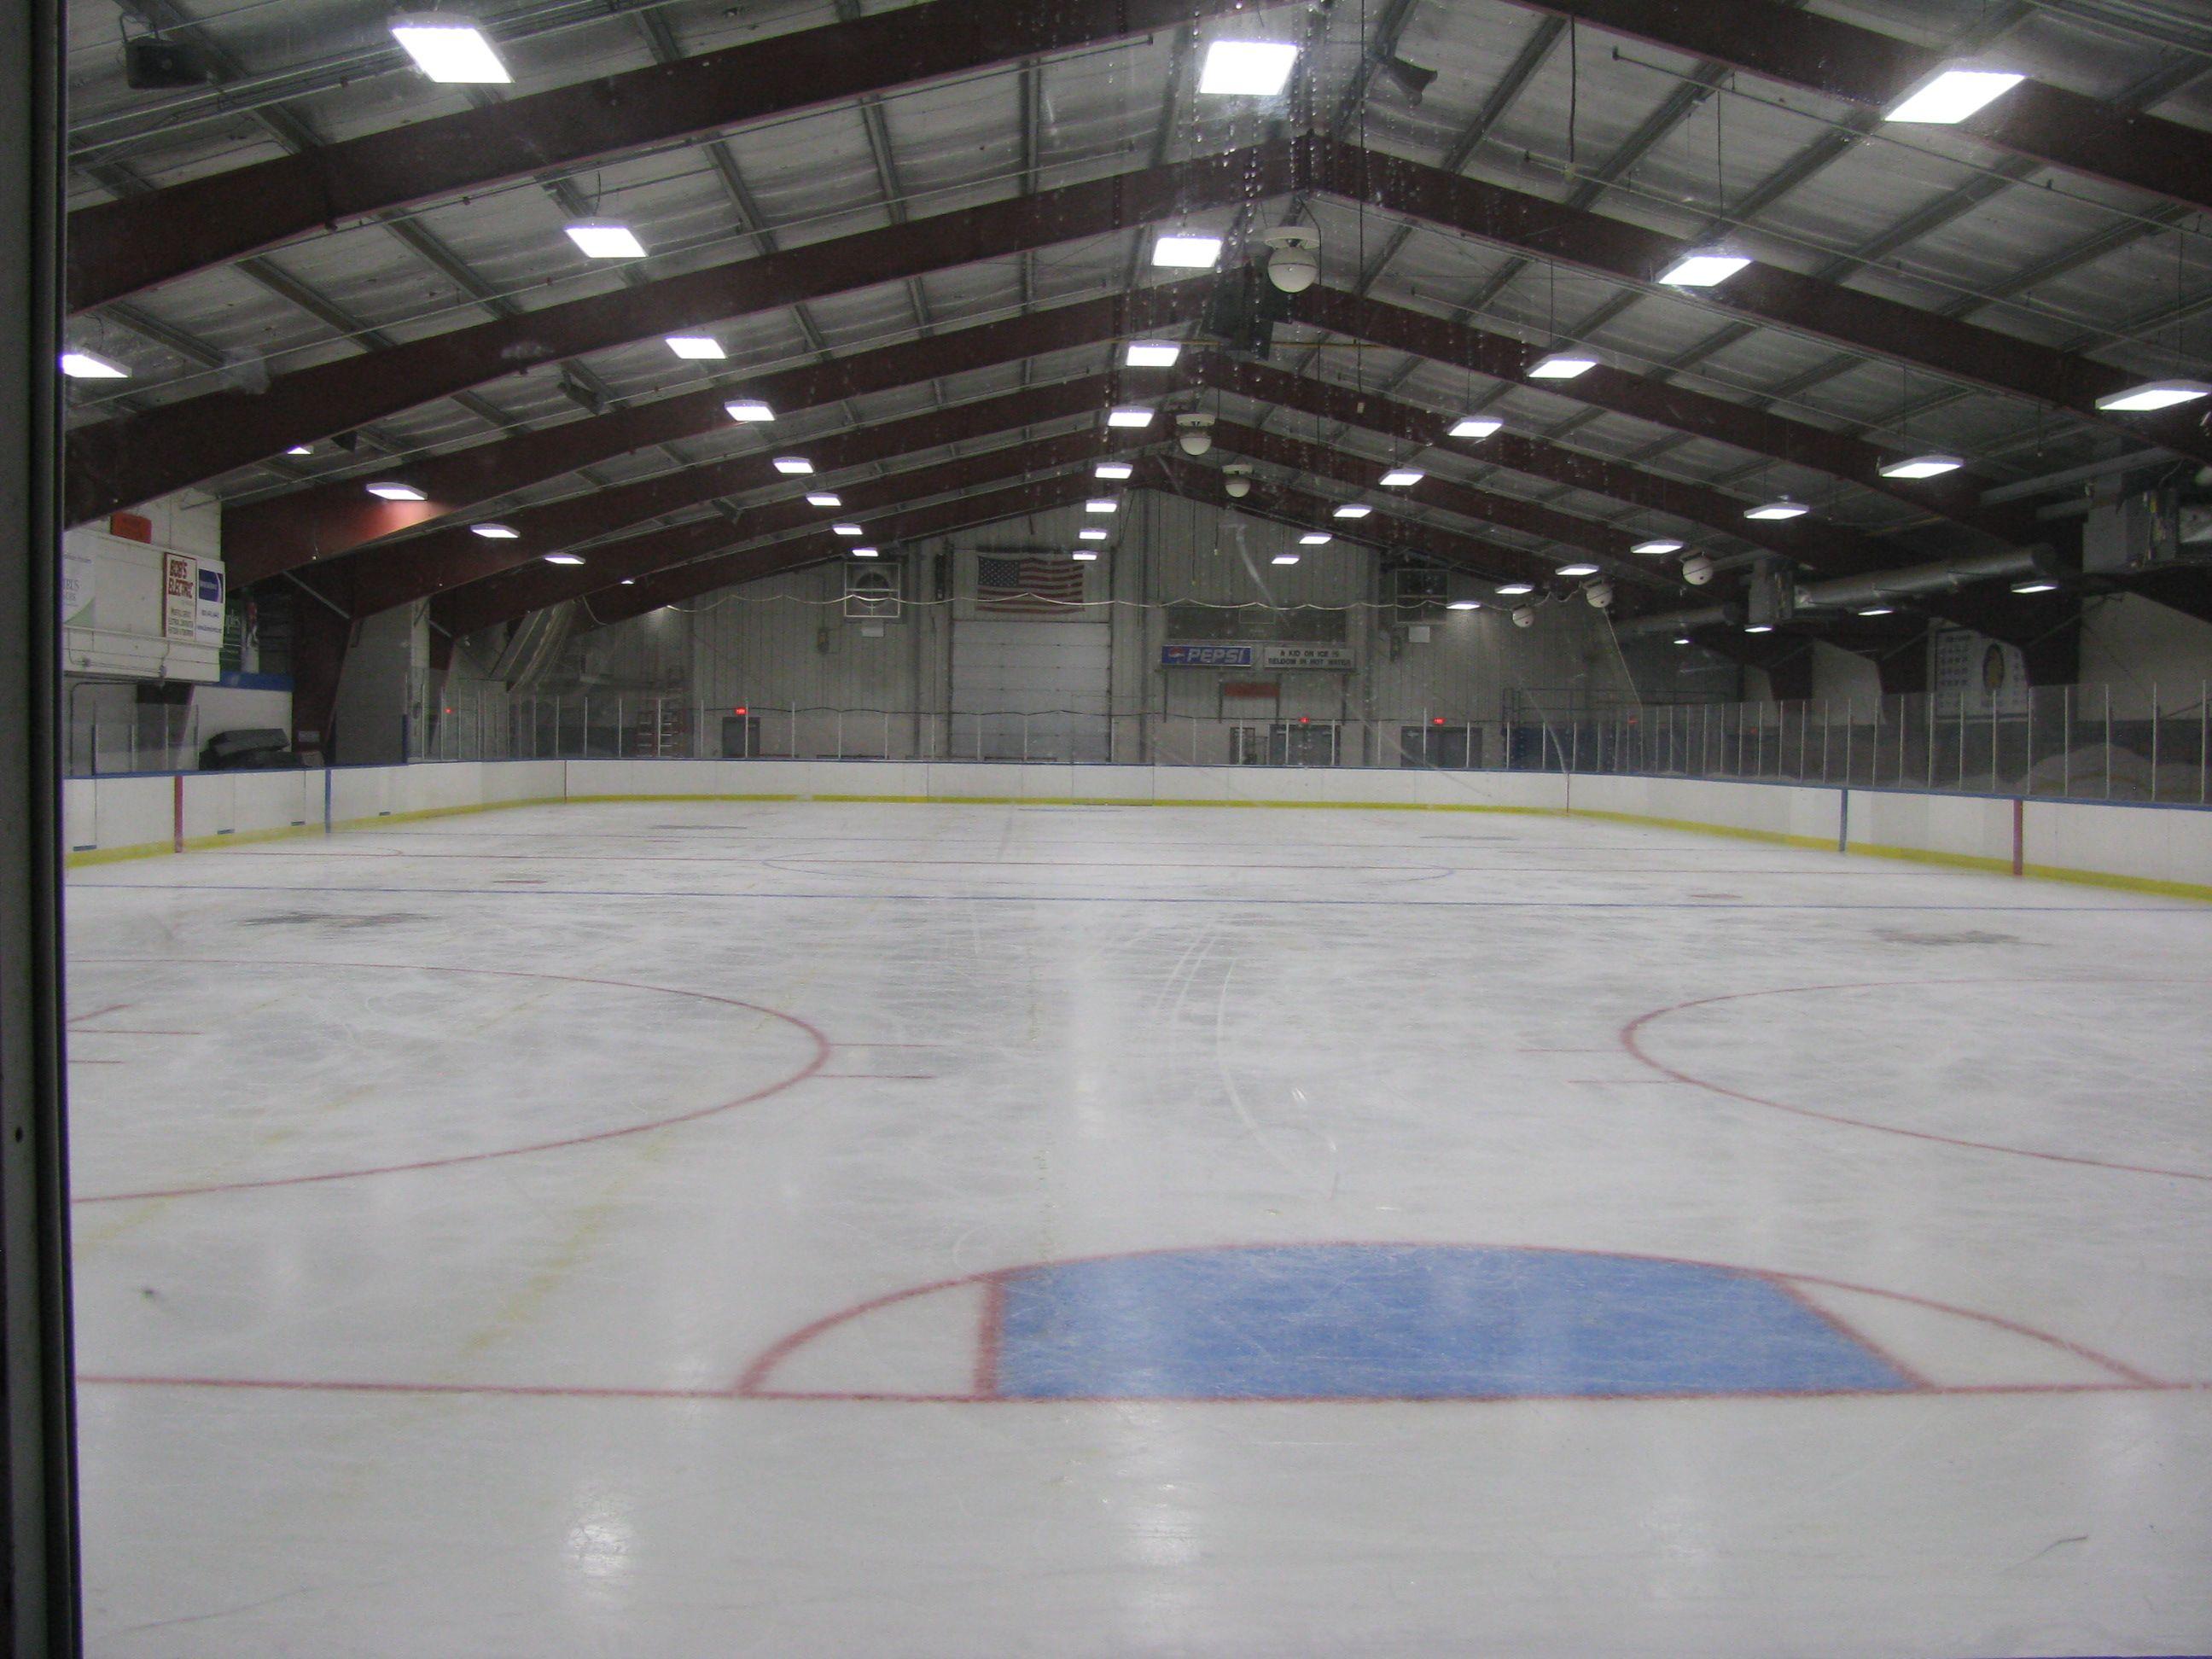 Ice Skating And Hockey Indoor Indoor Ice Skating Rink Indoor Skating Ice Skating Rink